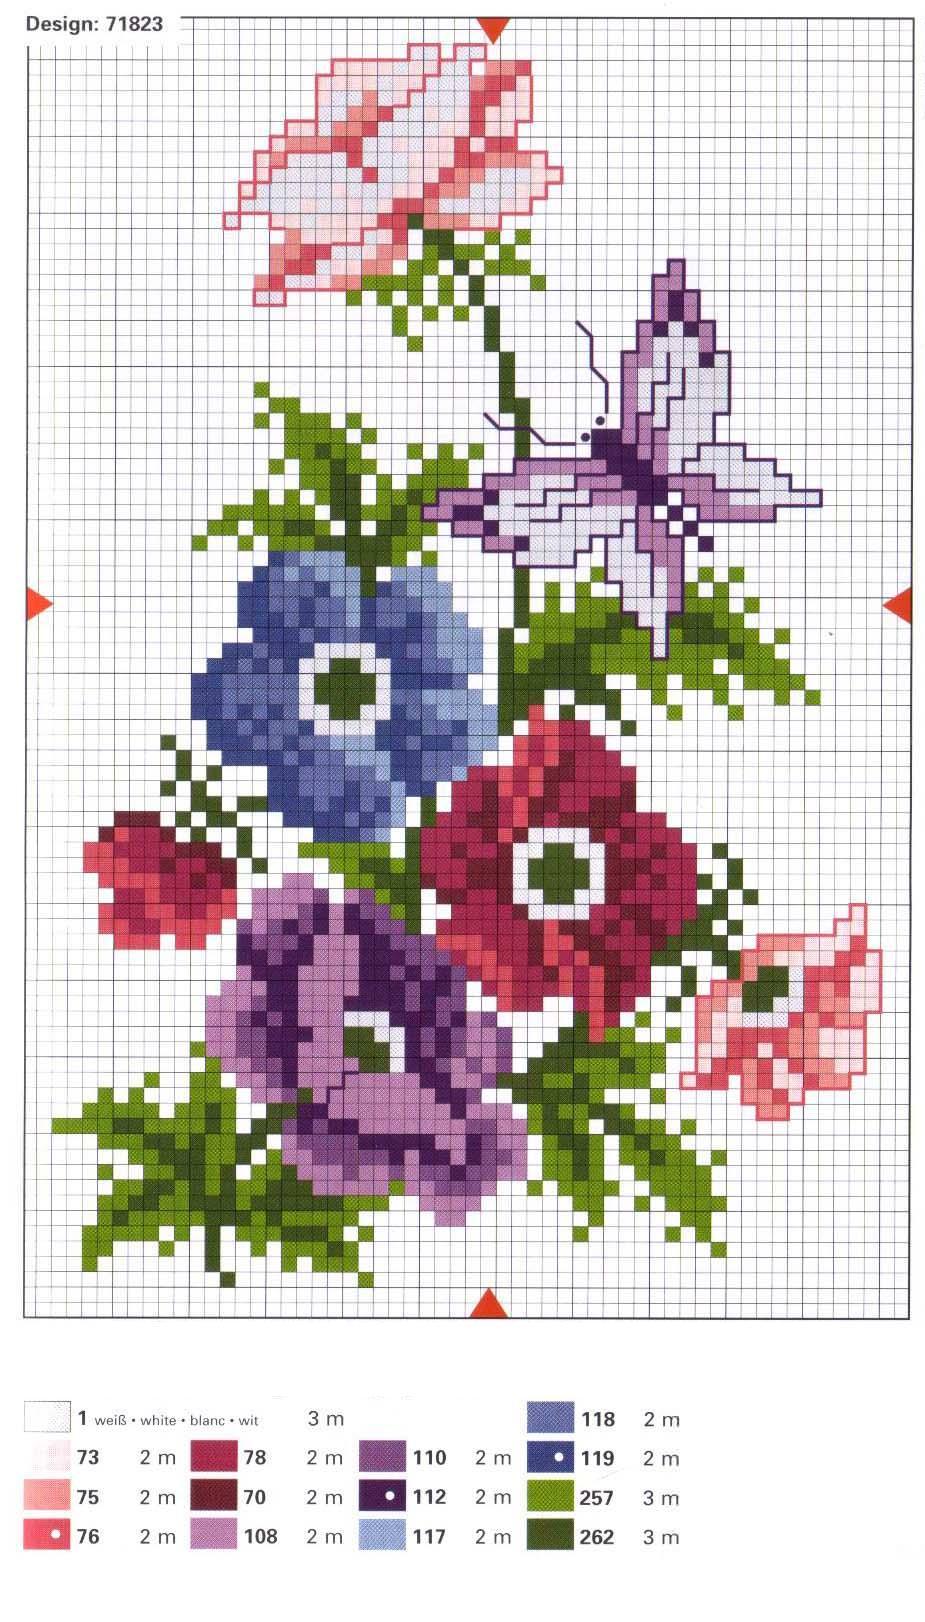 Как сделать схему для вышивки крестом с фотографии: скачать бесплатно 7